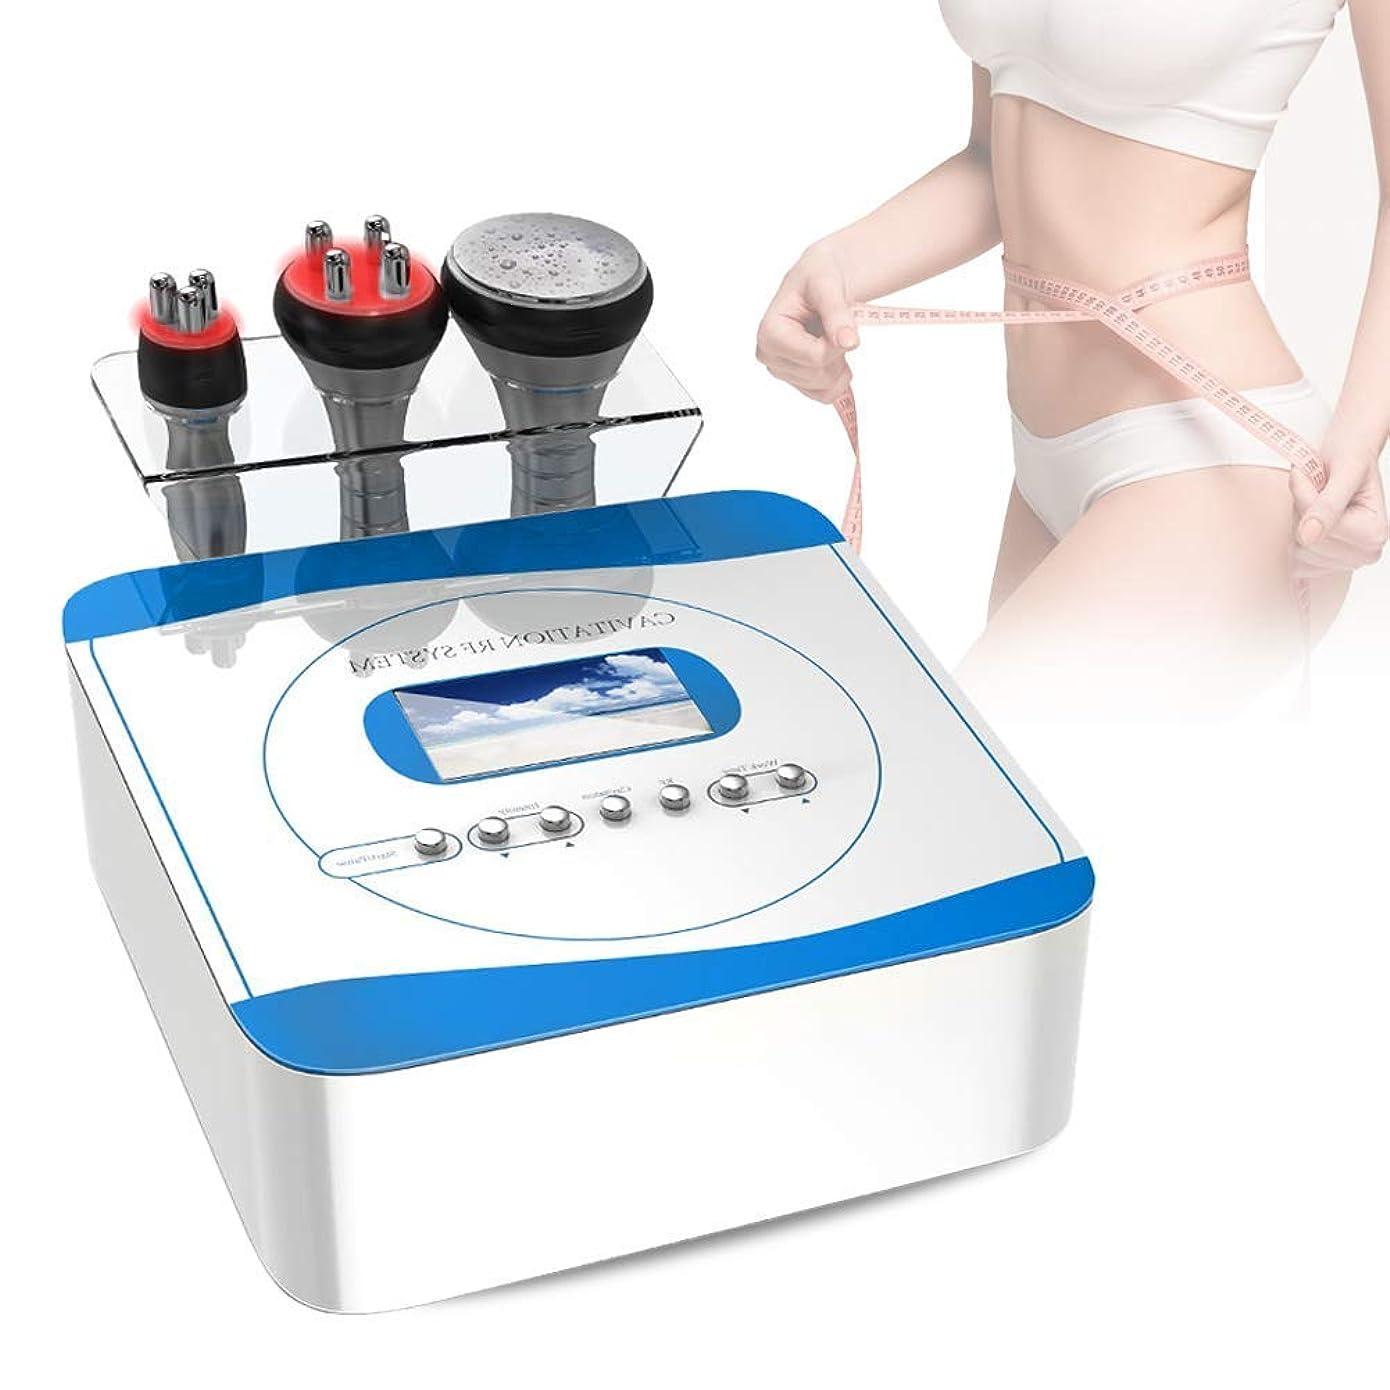 高めるテレビバラエティ脂肪除去機、腰、腕、腹、脚のためのリフティング美容機を引き締める1ボディマッサージ脂肪除去肌に3